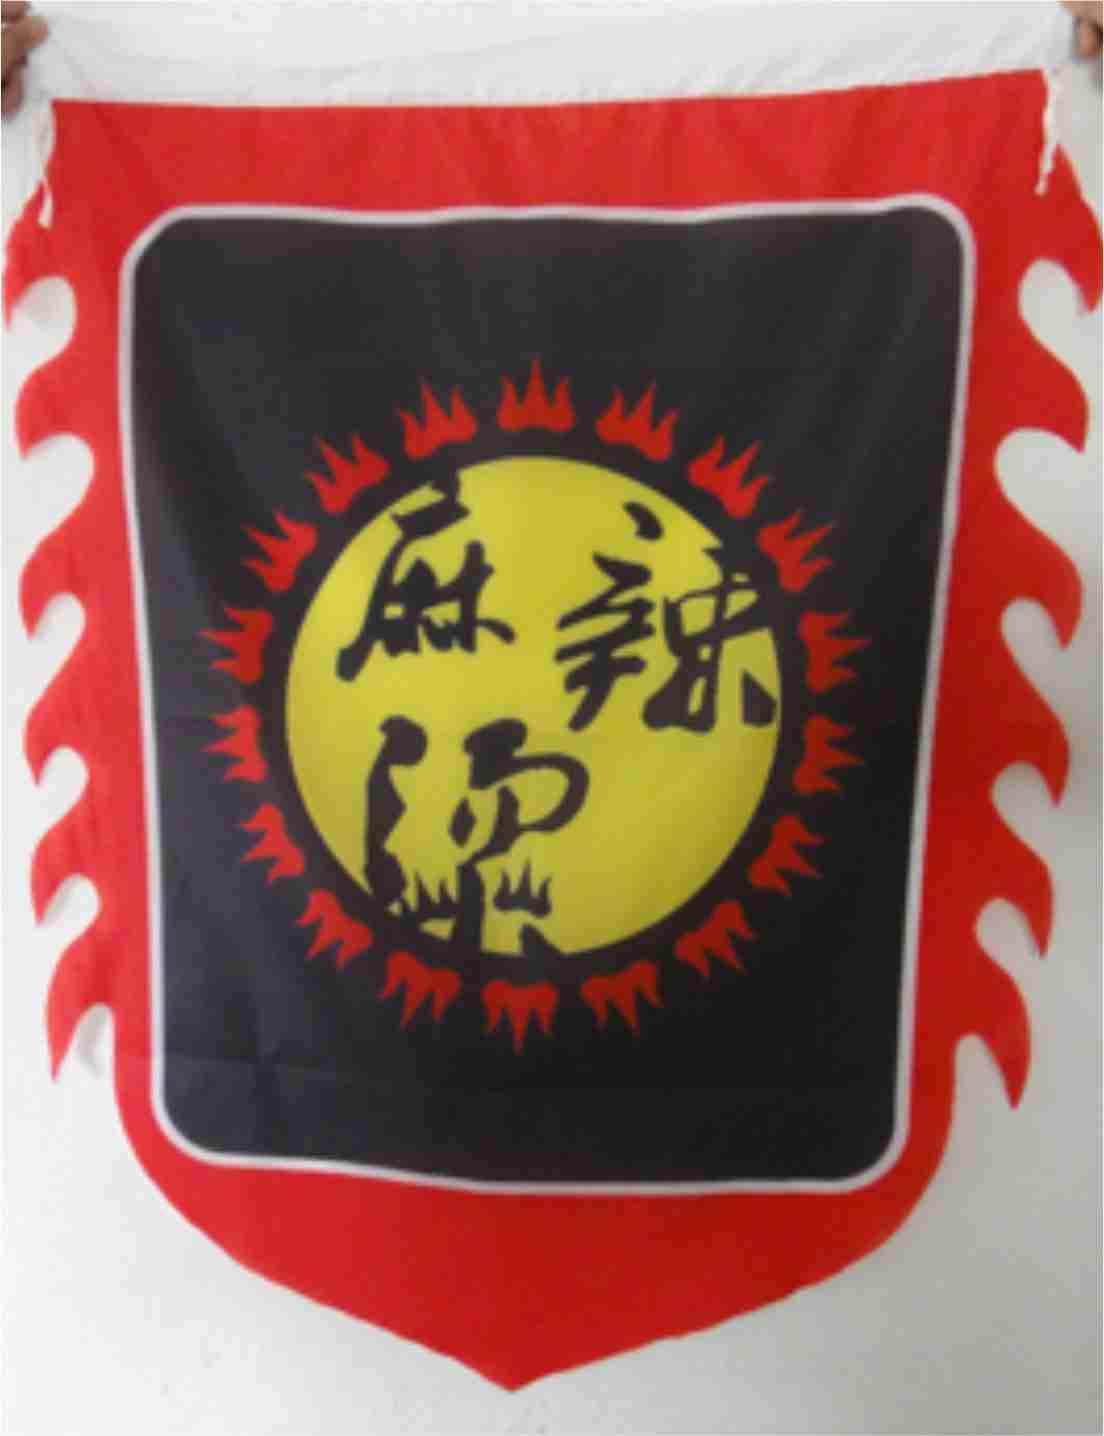 古旗制作_仿古旗帜制作_复古旗_古代旗定做_印制宣传旗帜_订做定制